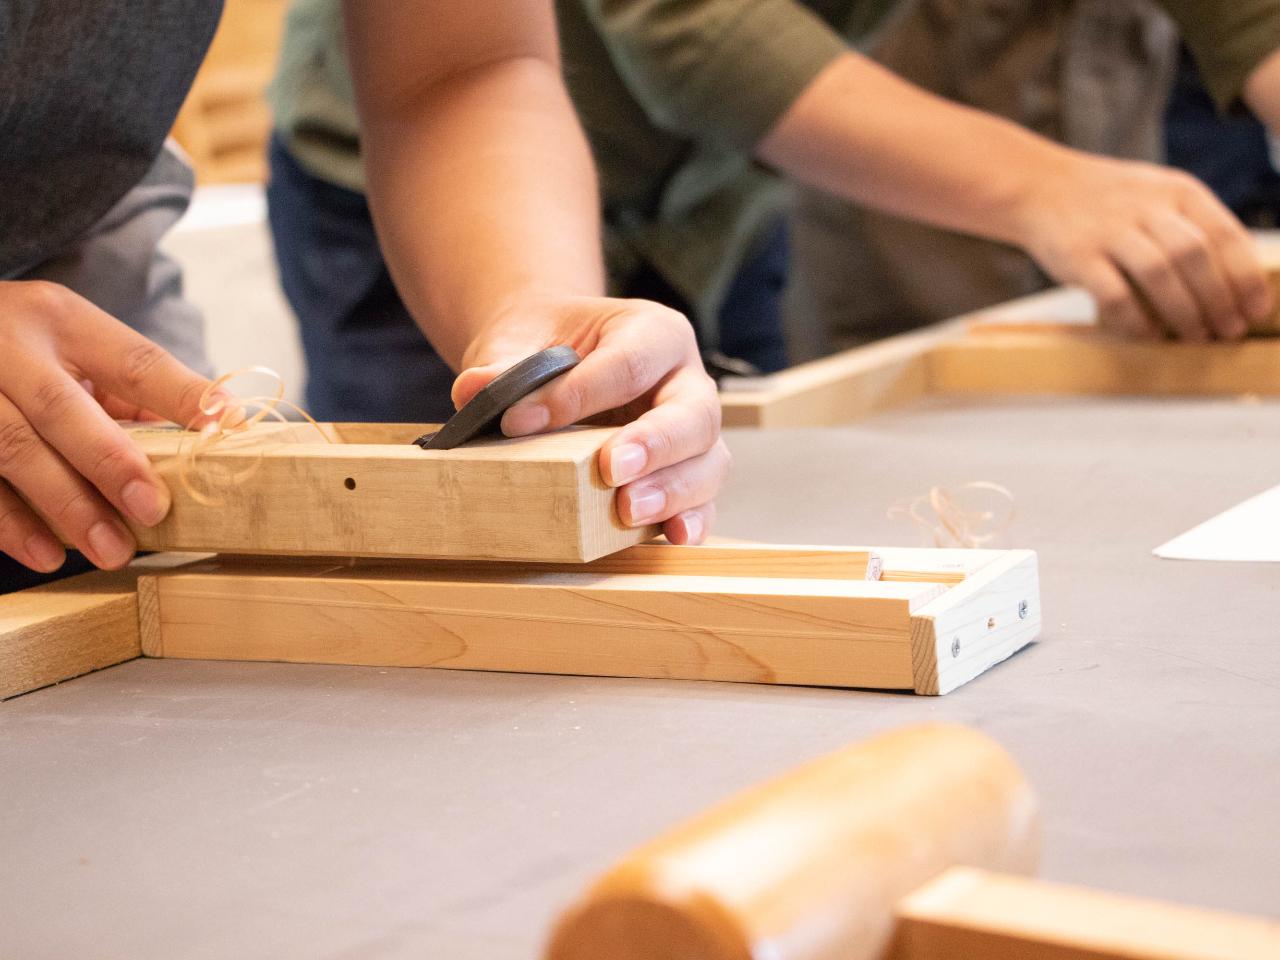 【箸作り】木頭杉で五稜箸をつくろう!10歳~参加可能◎自分だけのお箸を作ってみま...